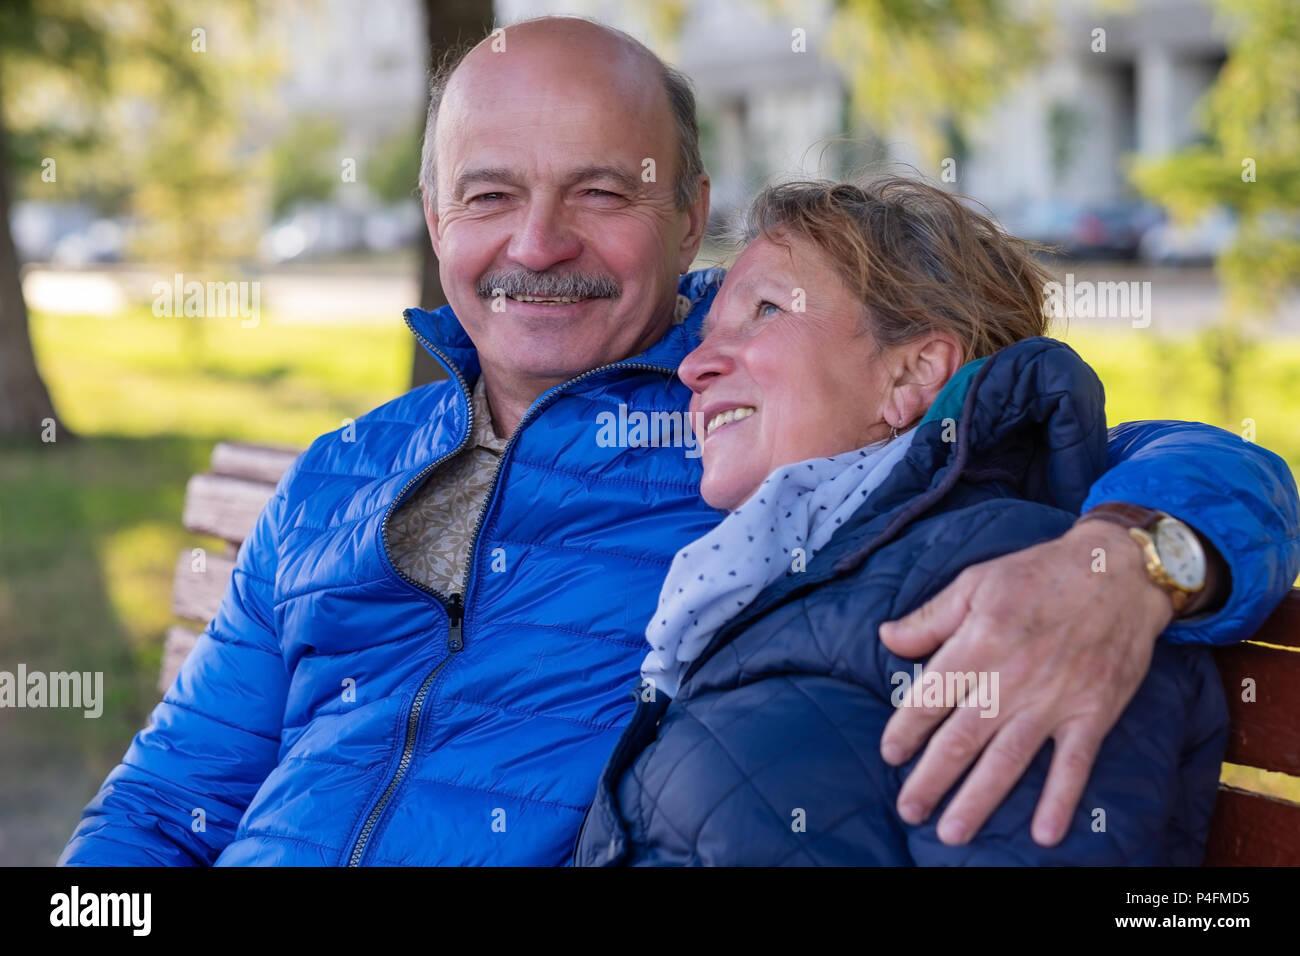 Reifen europäischen Paar auf der Straße bei gutem Wetter im Frühjahr. Liebhaber zusammen Zeit spanding. Stockfoto